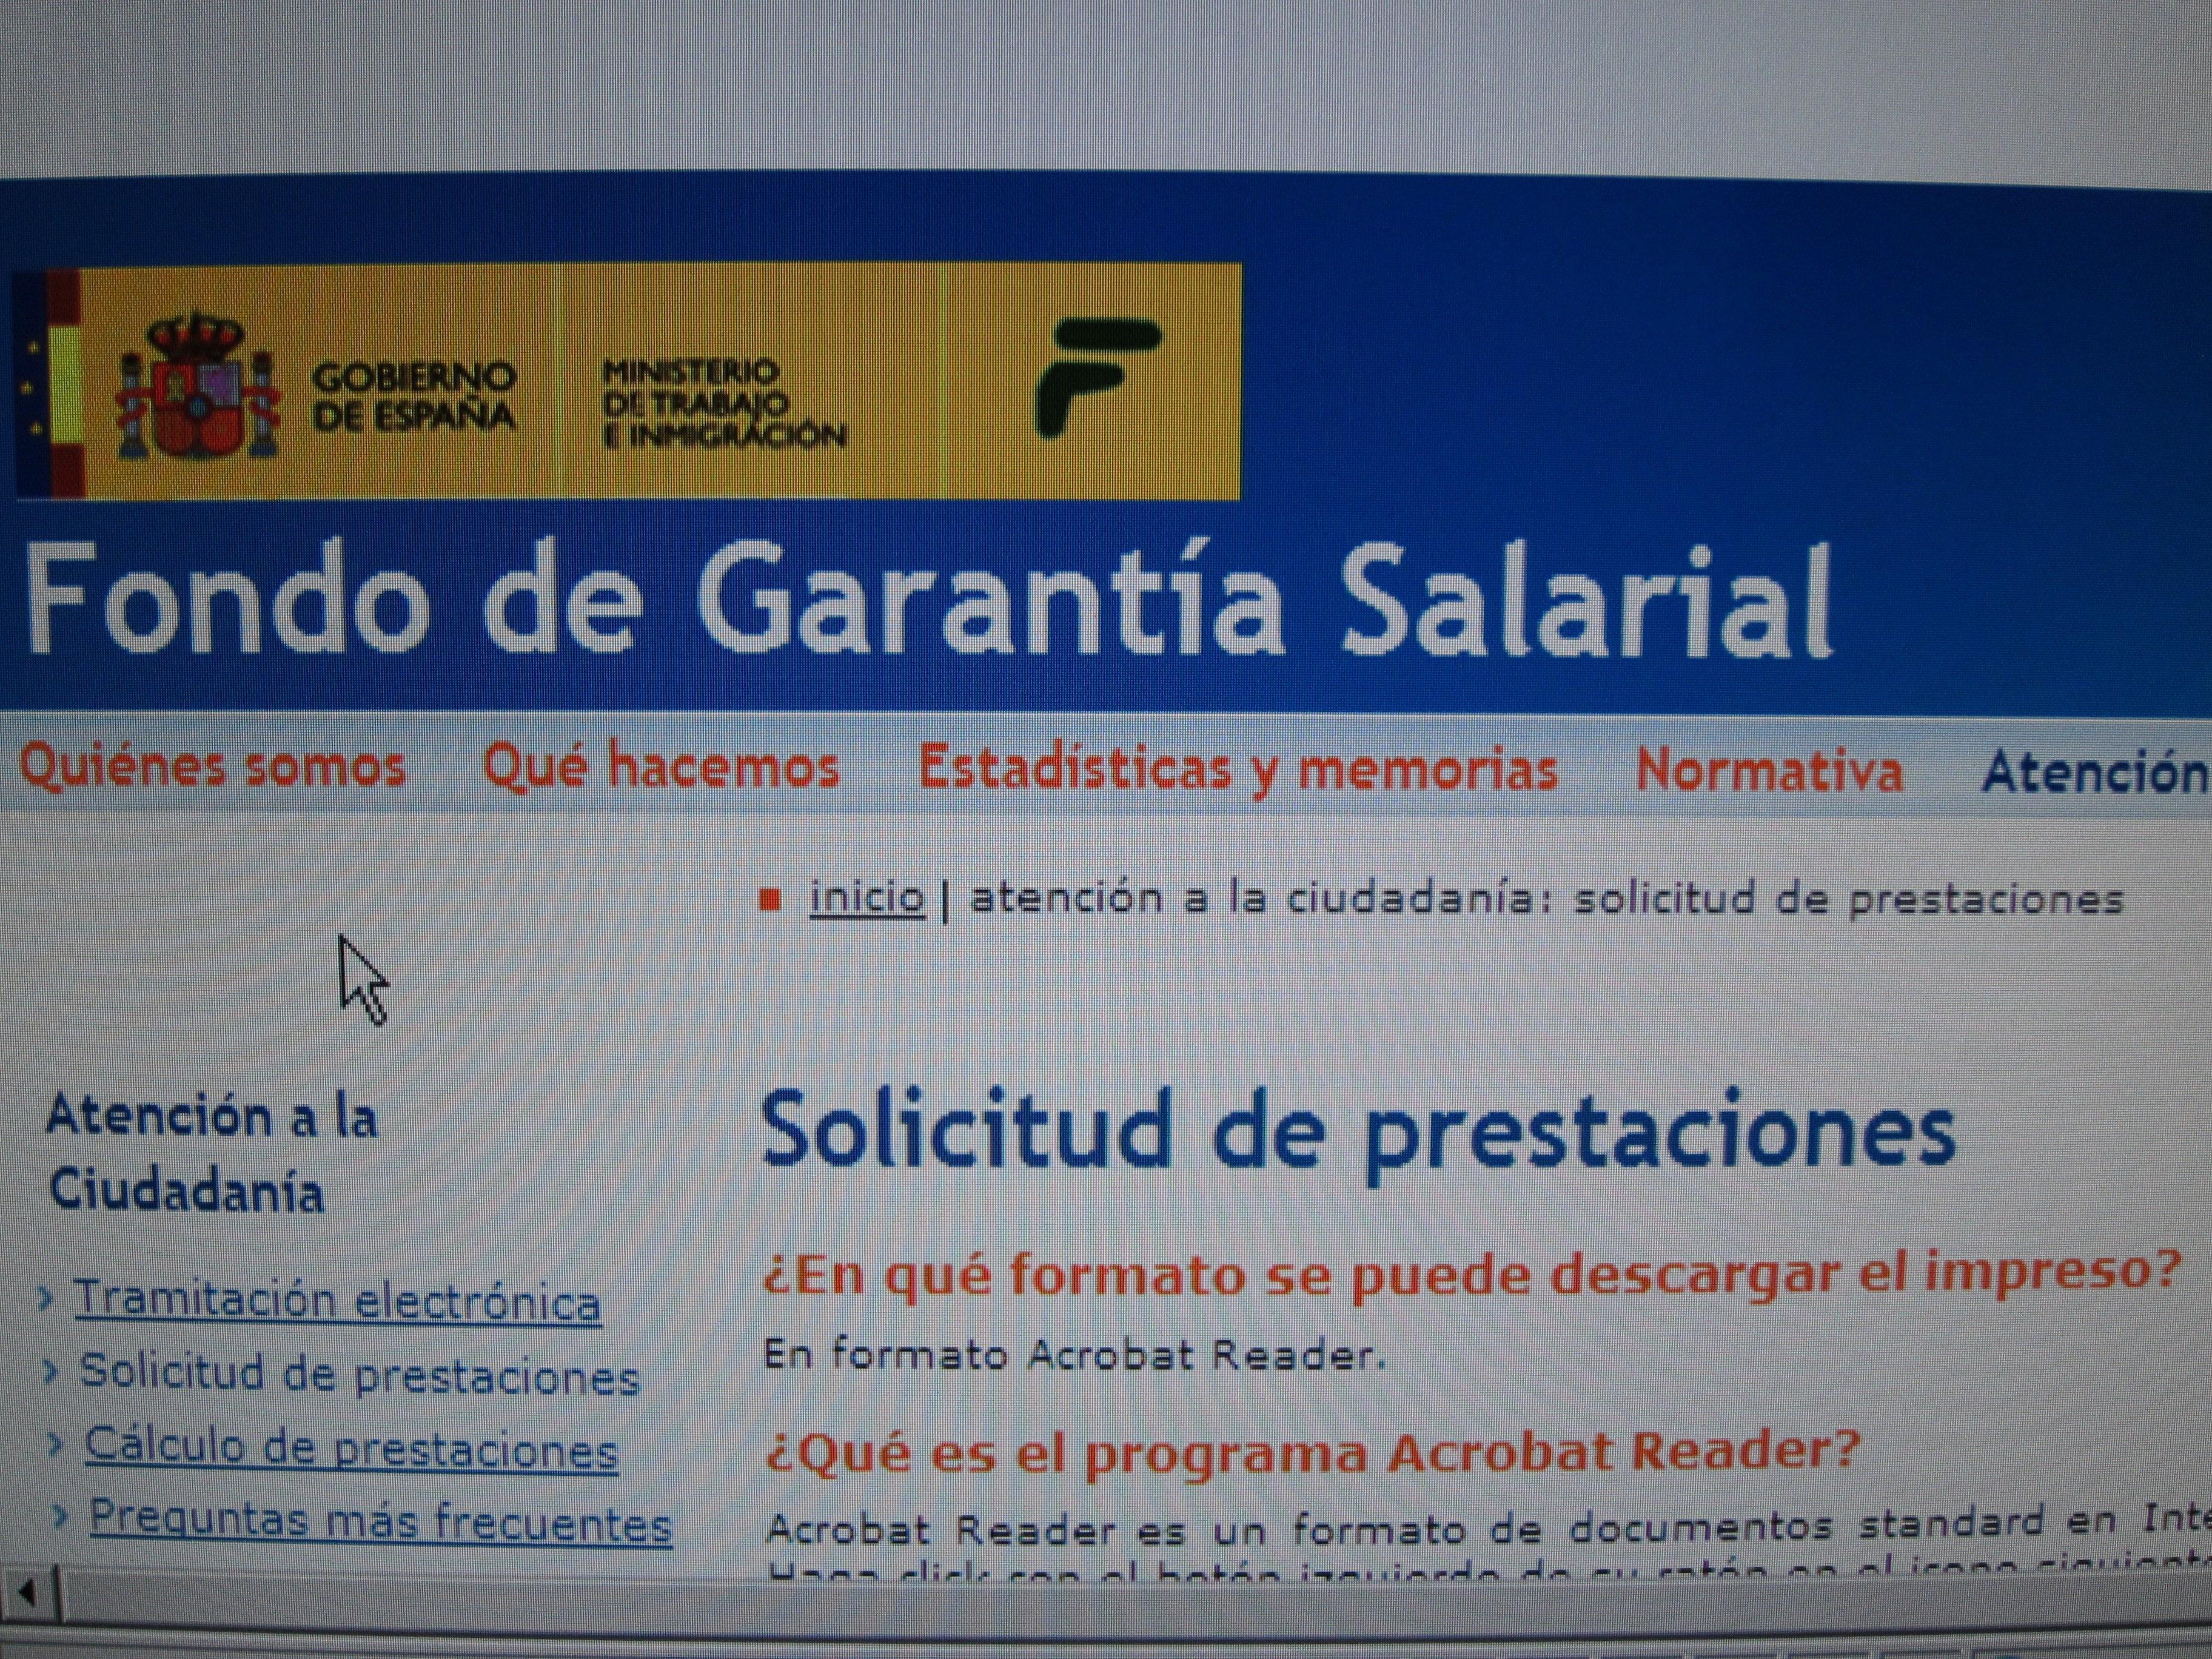 El gasto del Fogasa en prestaciones se sitúa en 8,8 millones hasta mayo en La Rioja